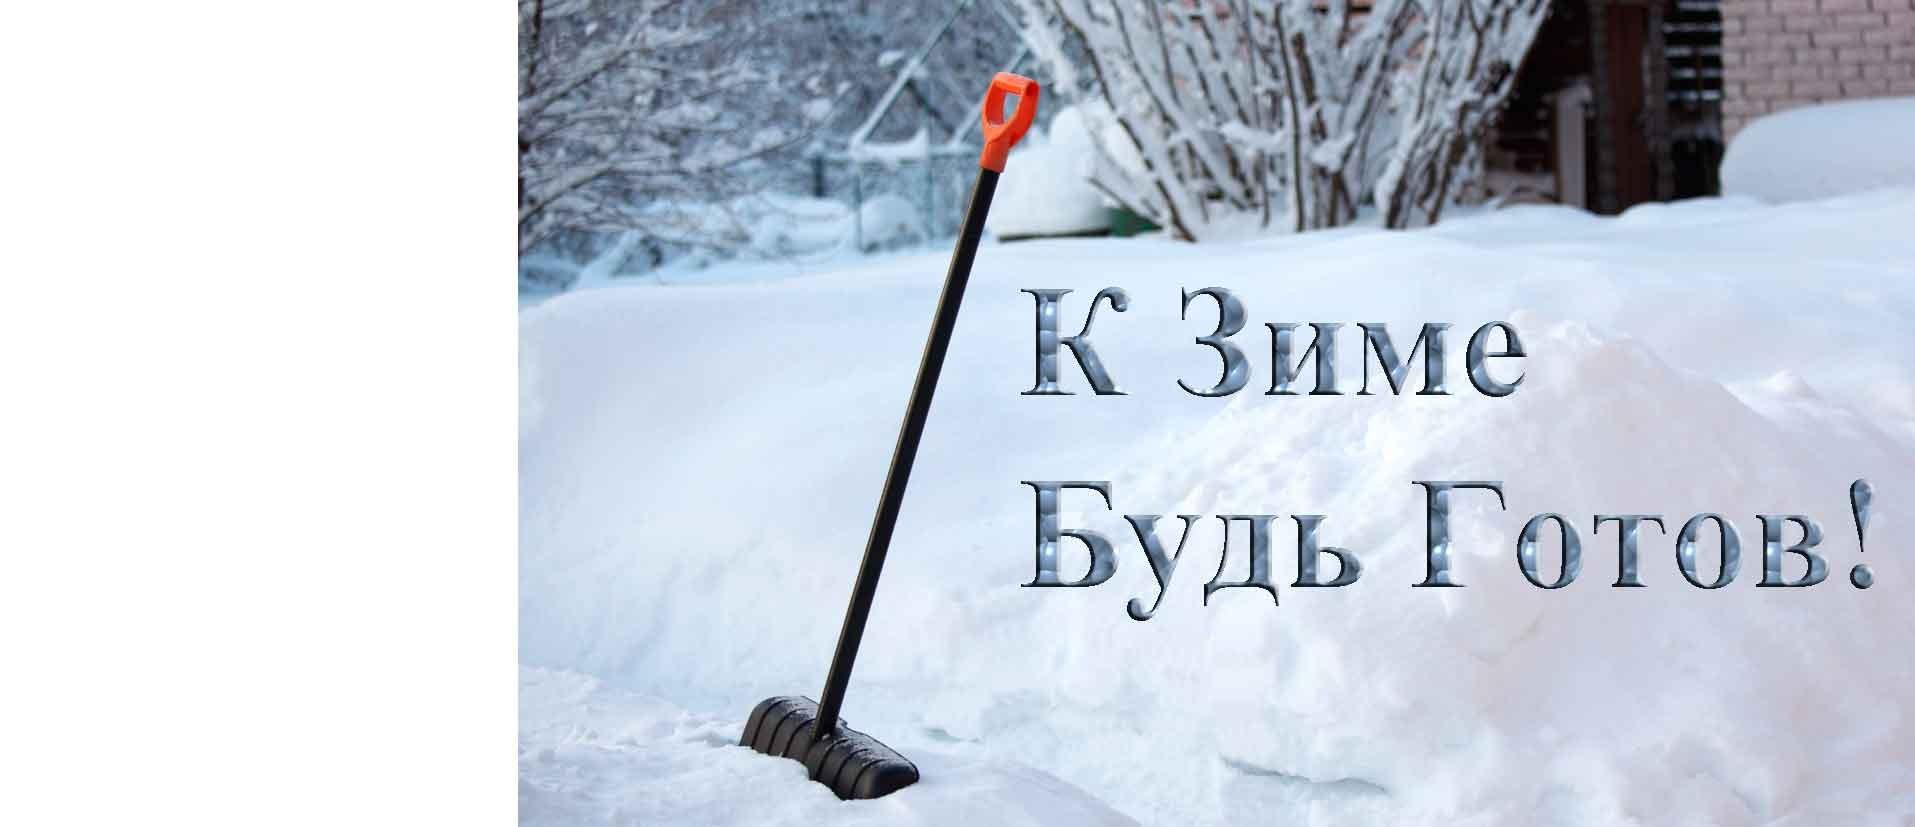 Акция на снеговые лопаты